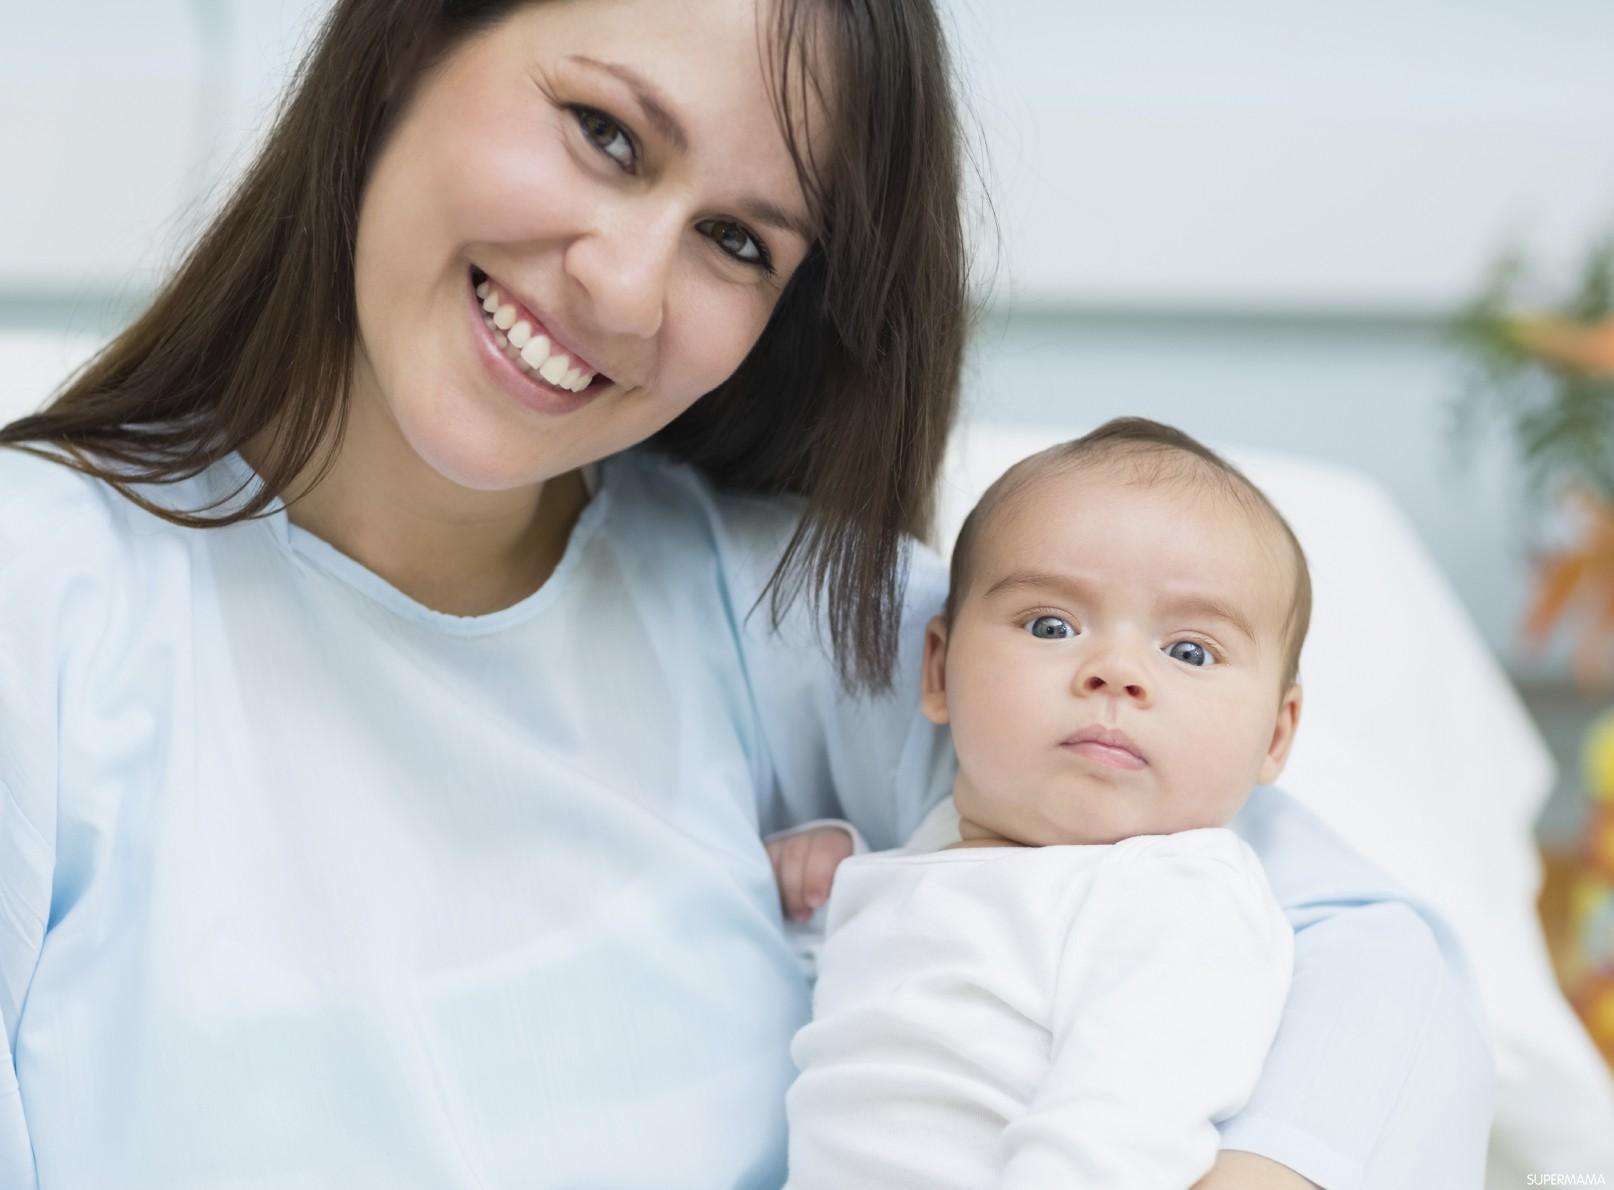 15 نصيحة لتمر فترة النفاس بسلام سوبر ماما